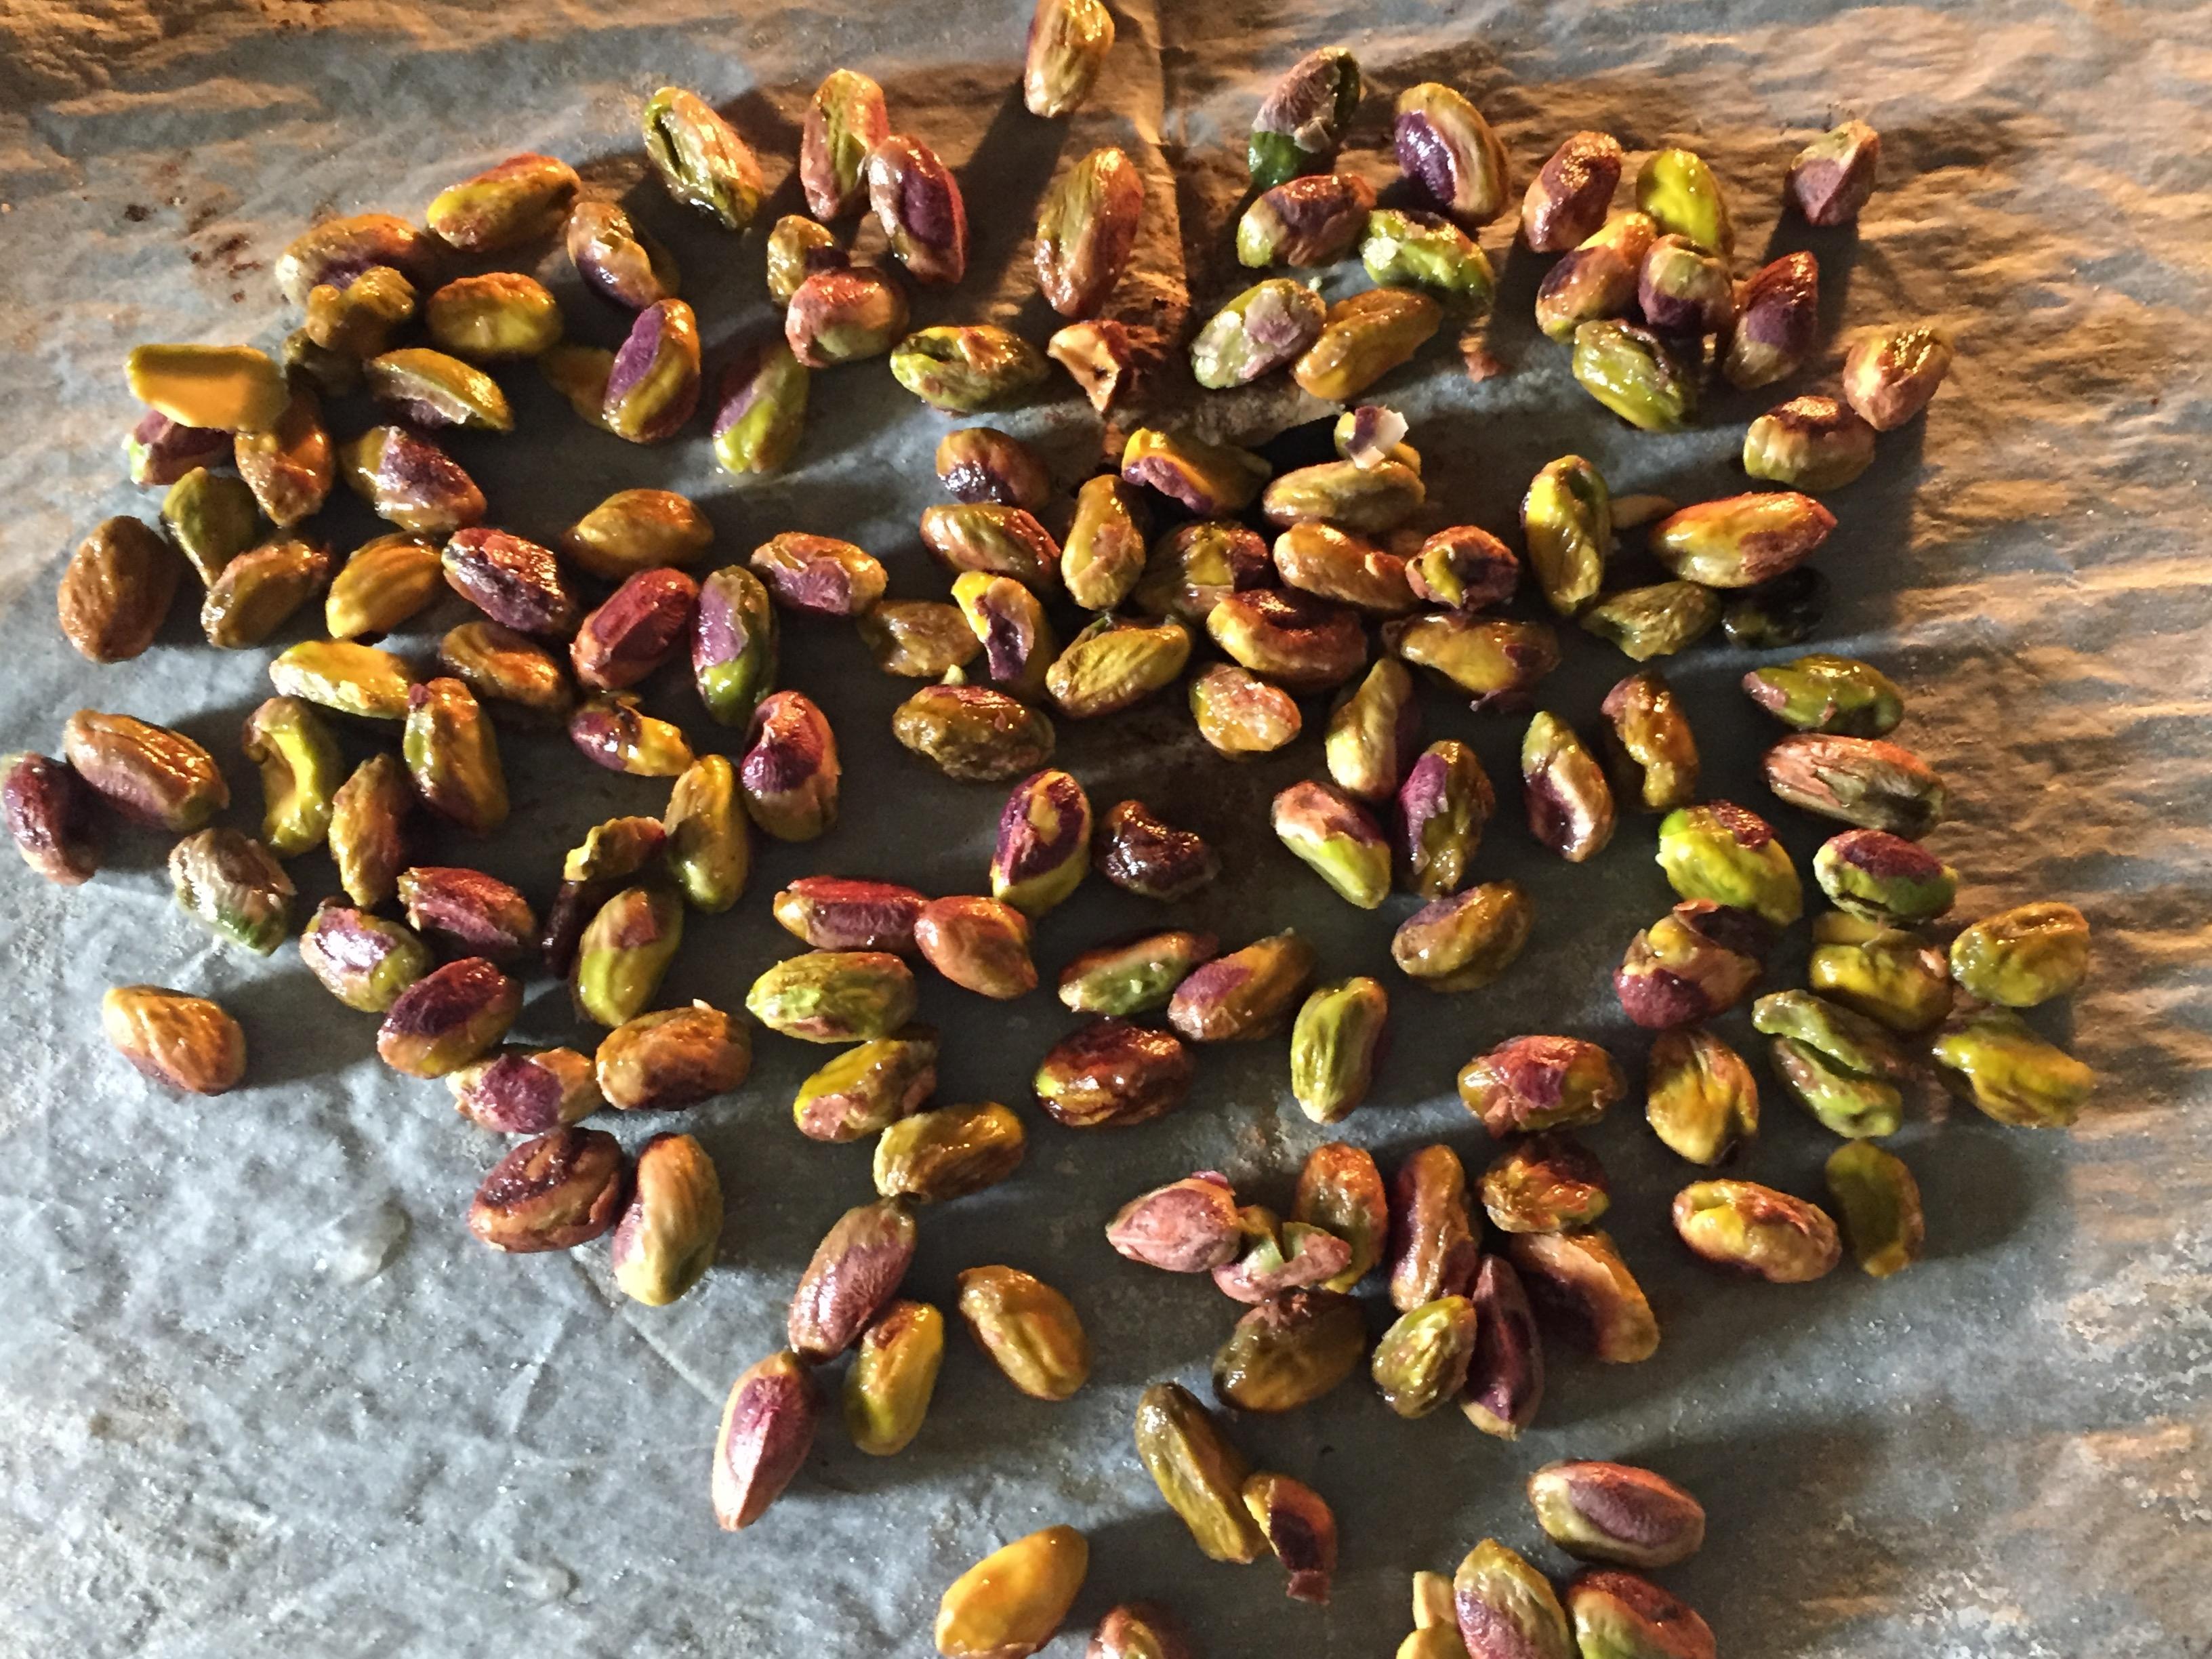 Pâte de pistaches maison selon une recette Philippe Conticini